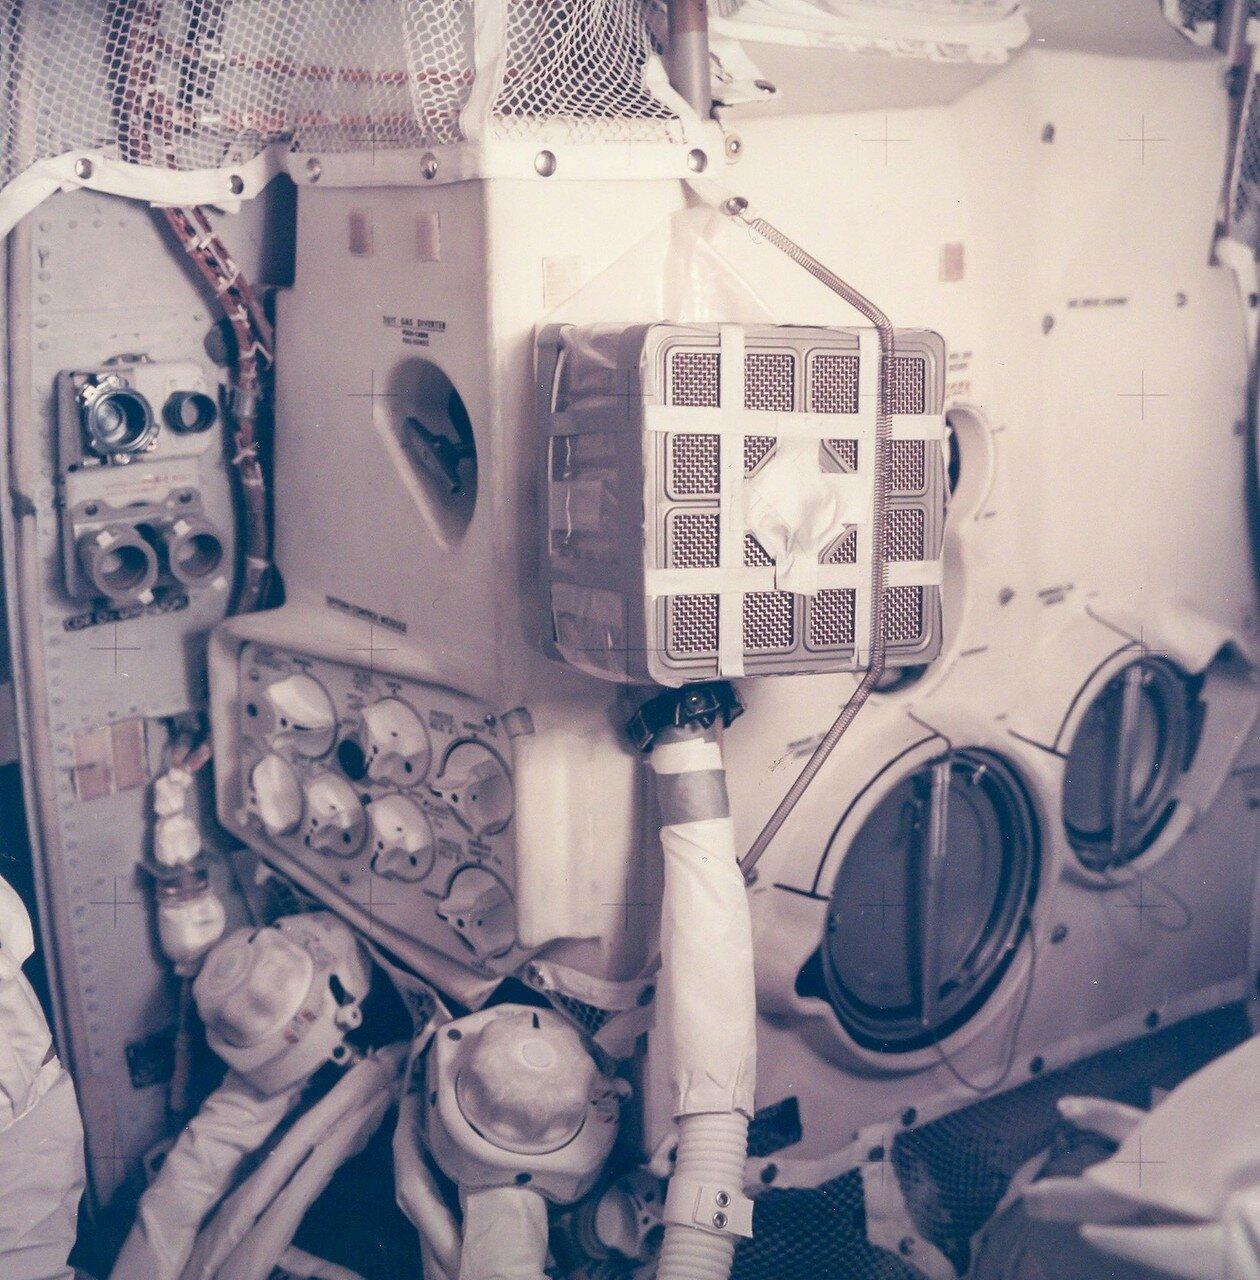 В результате этой аварии высадка на Луну стала невозможной, а жизнь самого экипажа оказалась под угрозой.  На снимке: Внутри Лунного Модуля